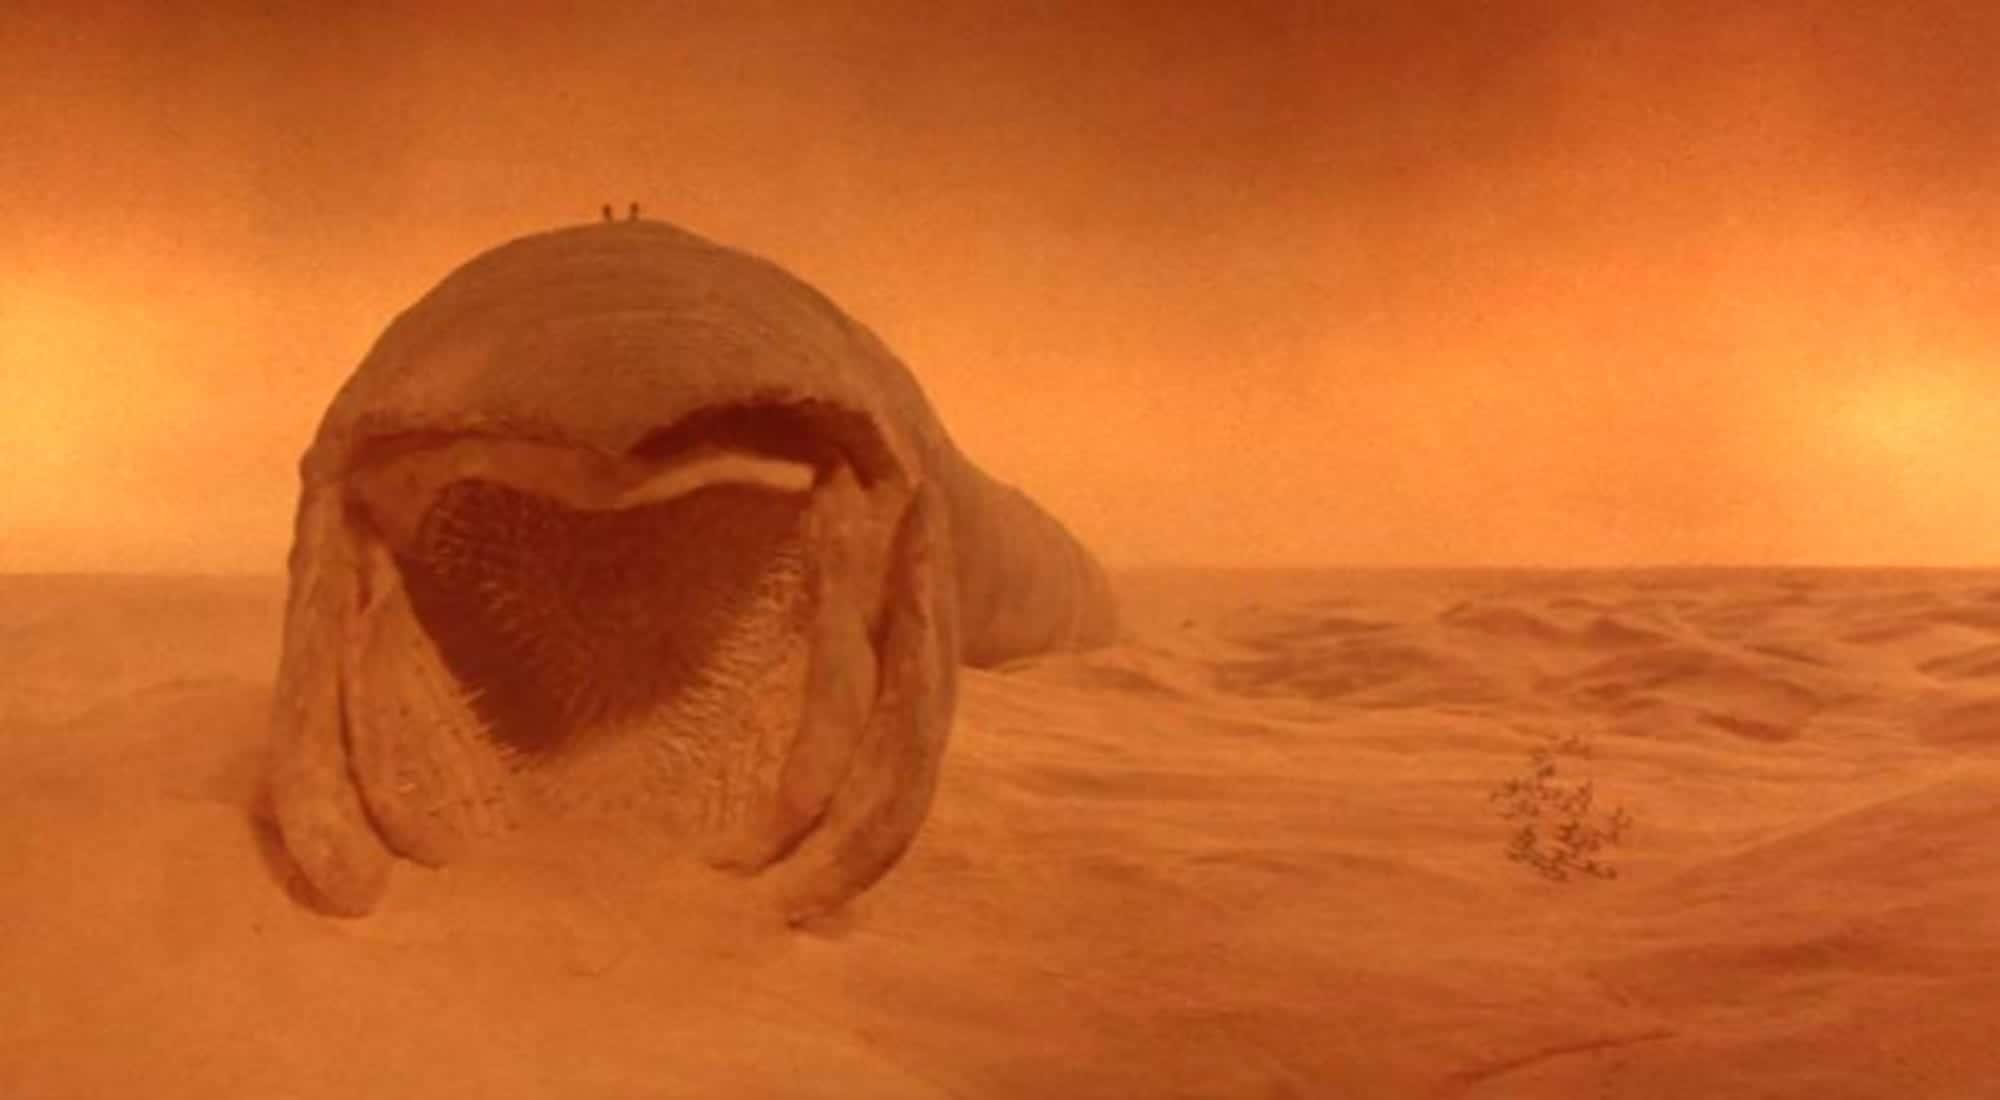 Dune 2020 release date